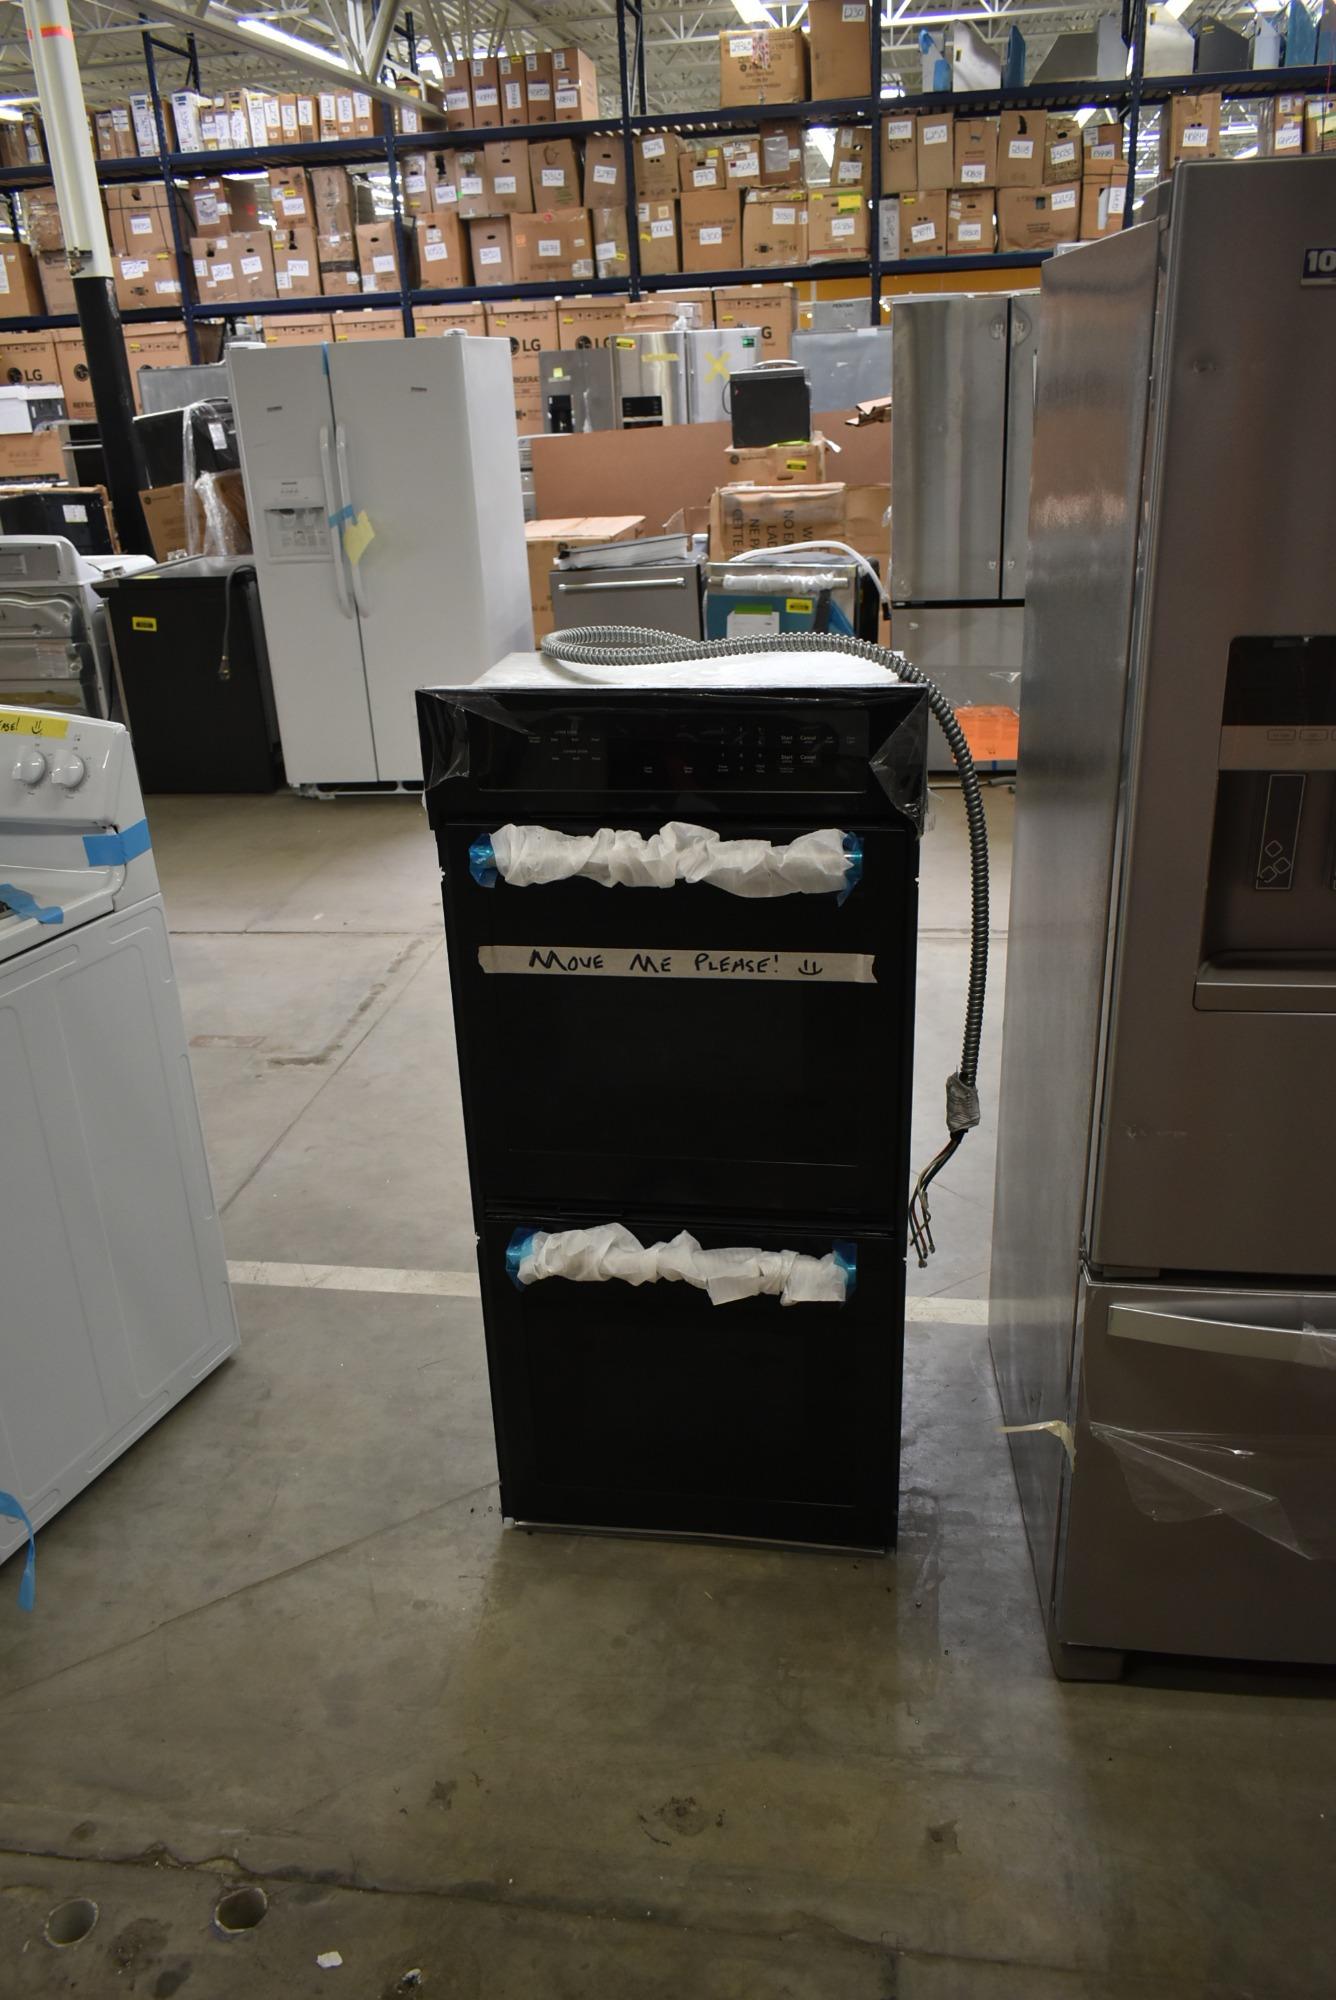 KitchenAid KODC304EBL 24